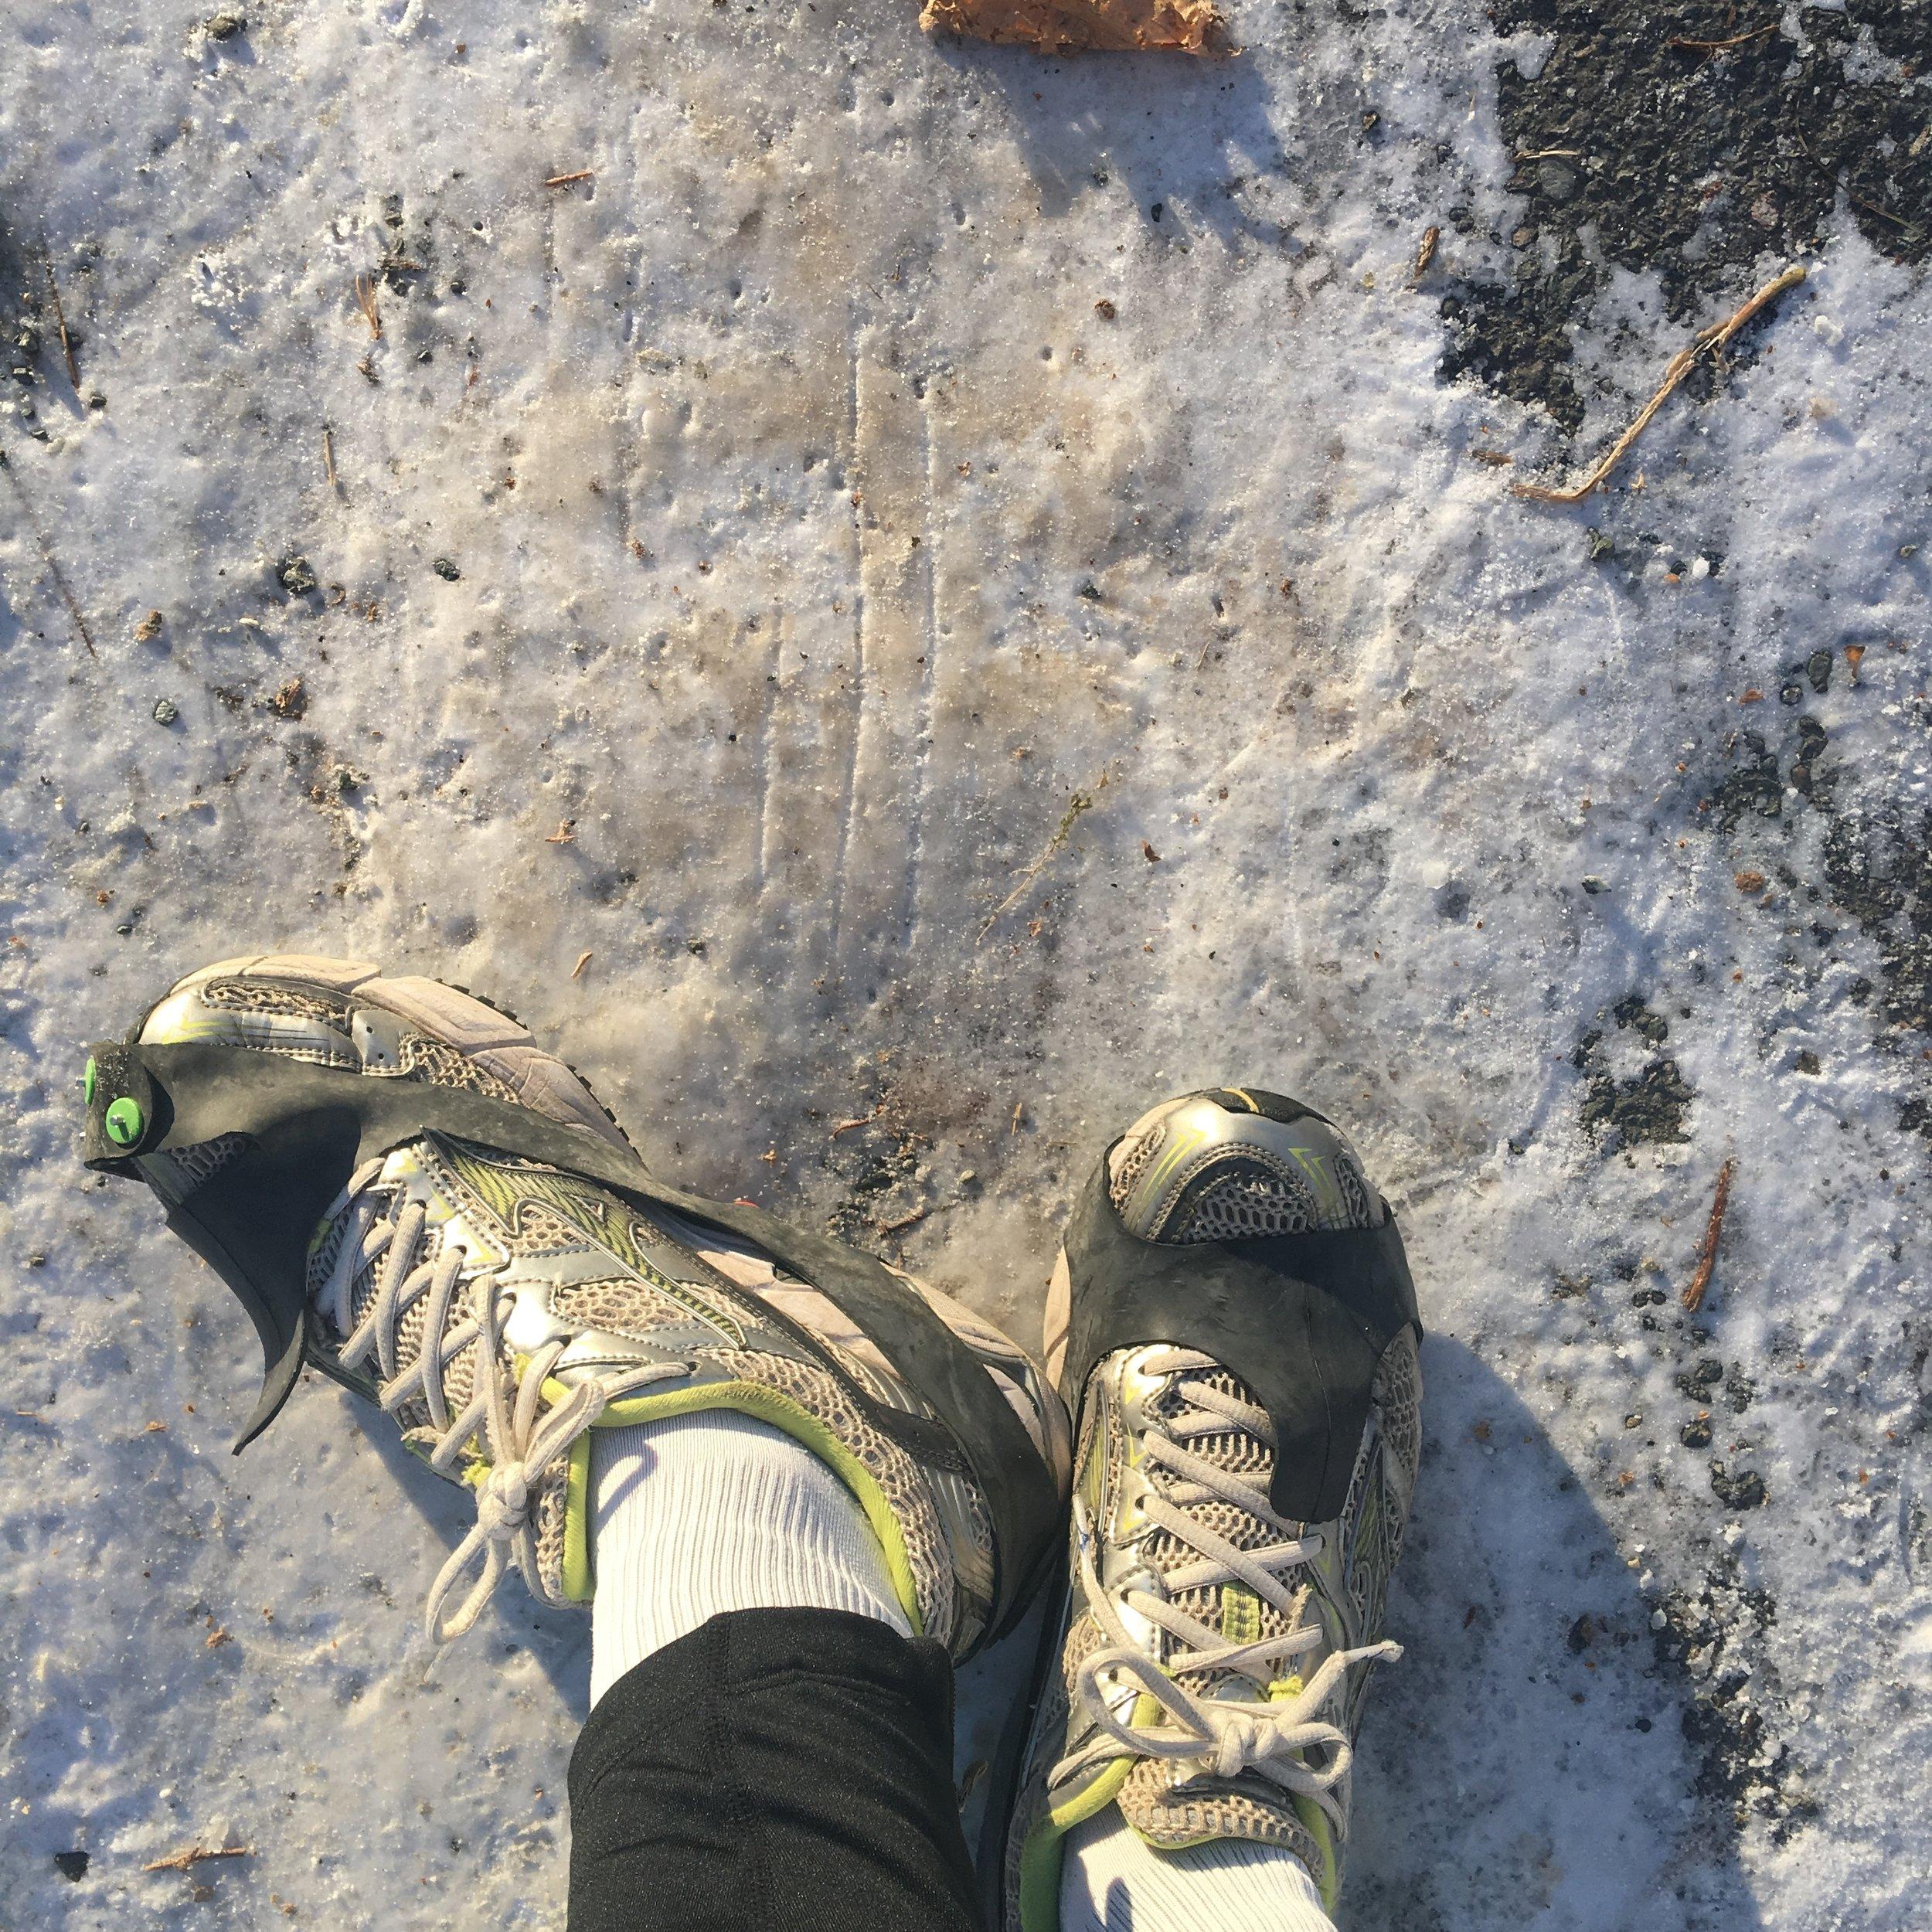 Jeg har skrevet om løb i sidste uges Udgiveronsdag. Løb kommer også til at følge mit kropstema her i november. Her et løbebillede af løbesko med hjælp på en isglat vej. Skidesmart. November i Trondheim. Nu: November i København. Kroppen-i-november.